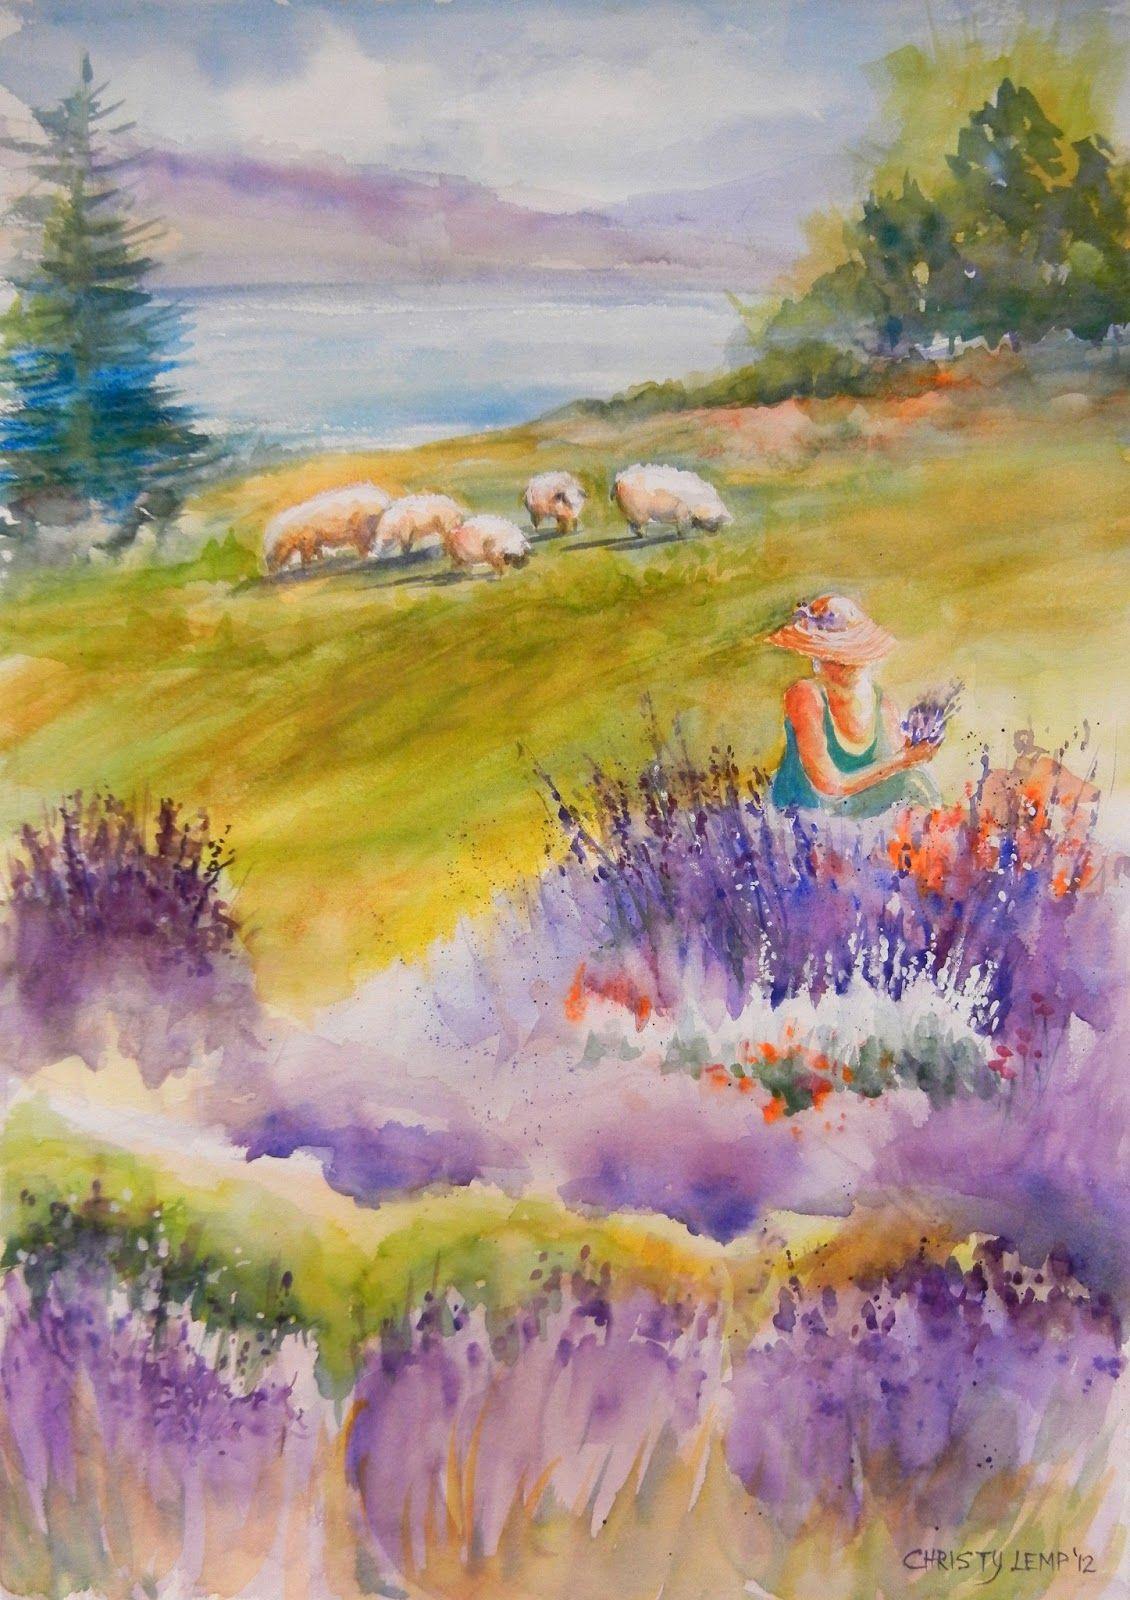 Finger Lakes Lavender Festival: Finger Lakes Lavender Festival Art Poster Contest